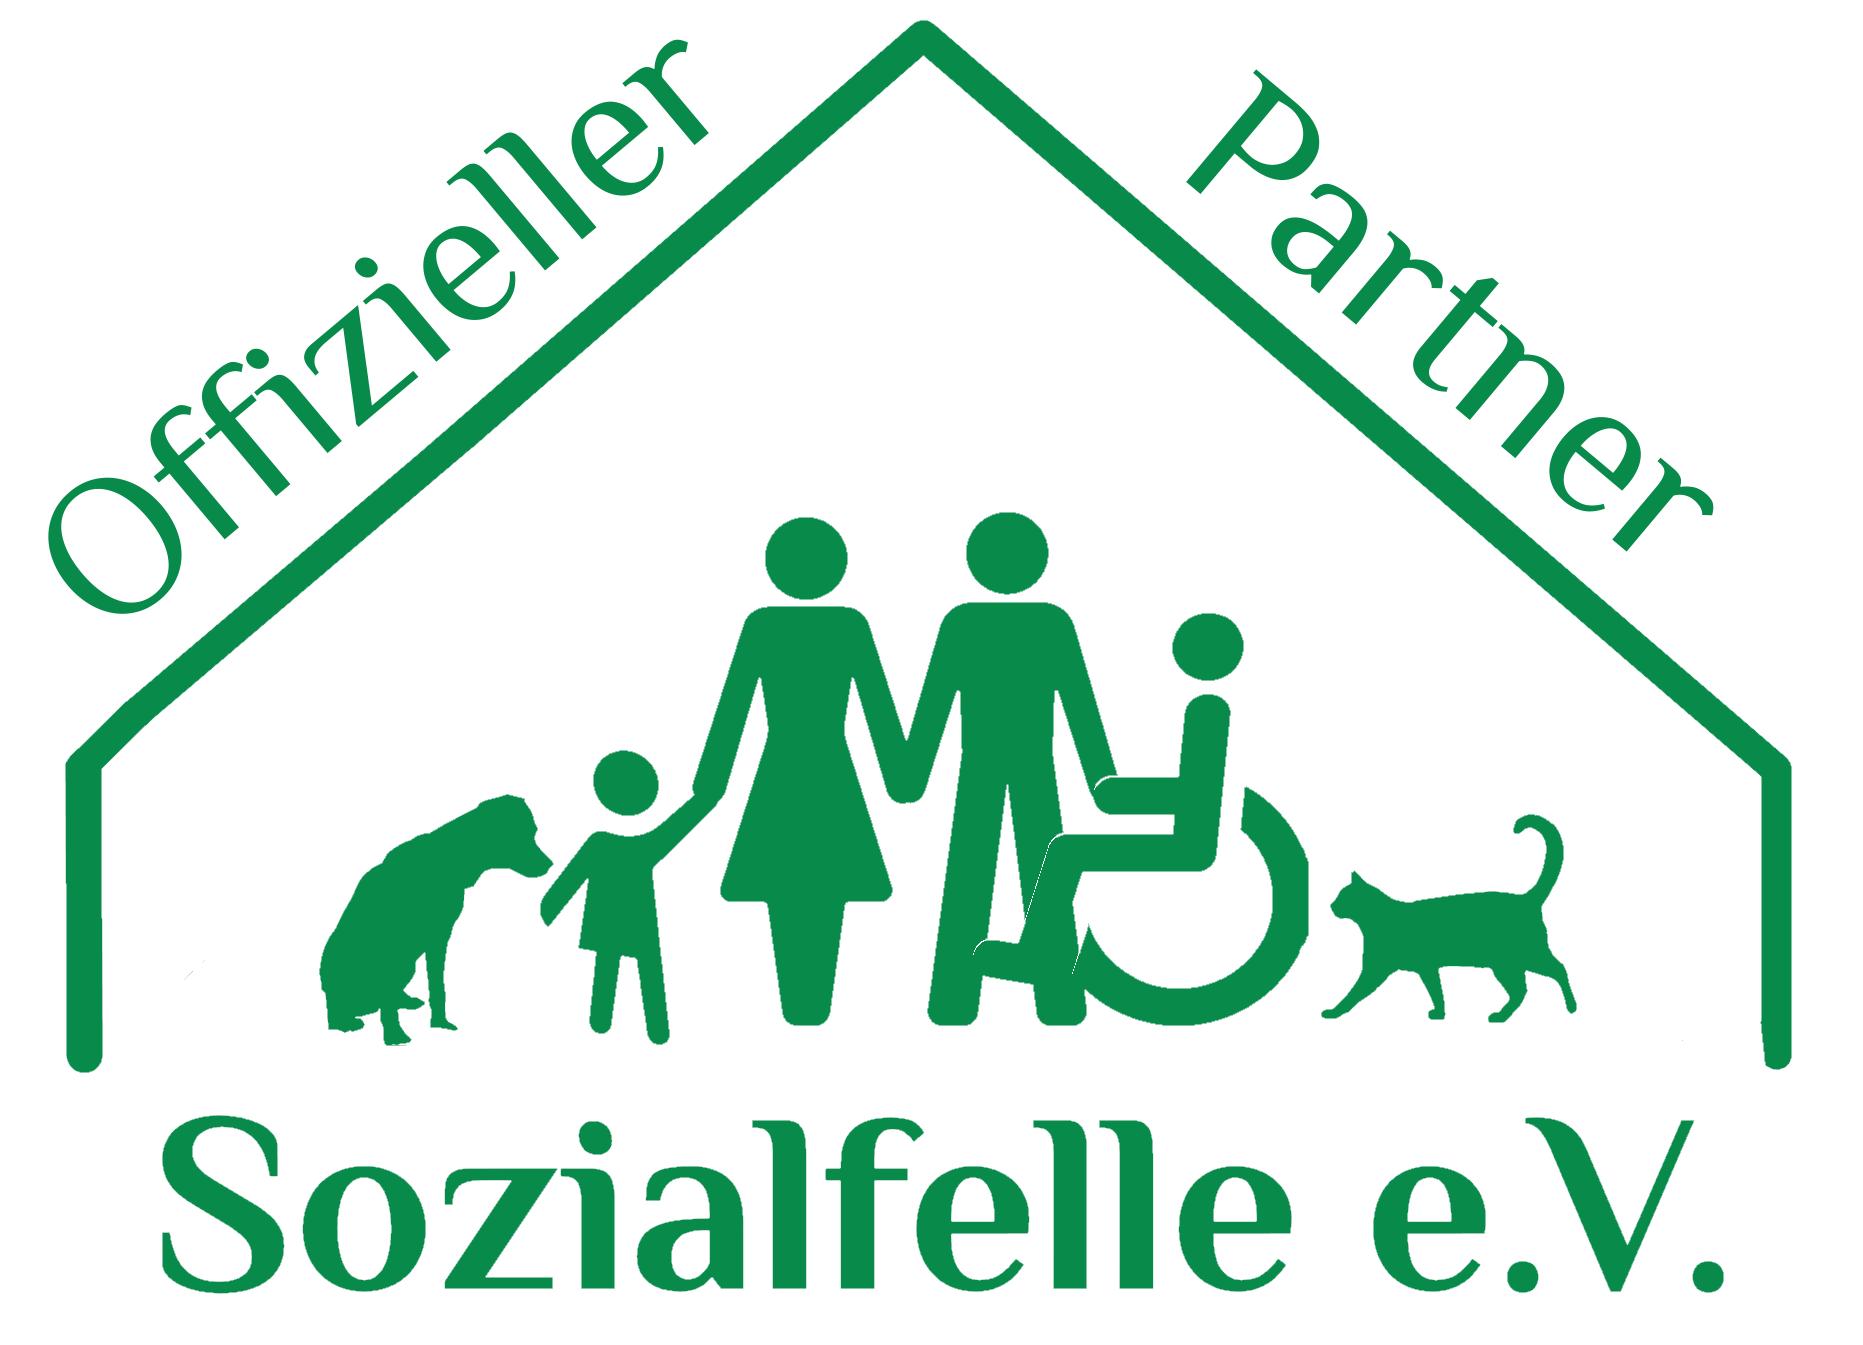 Sozialfelle-Partner